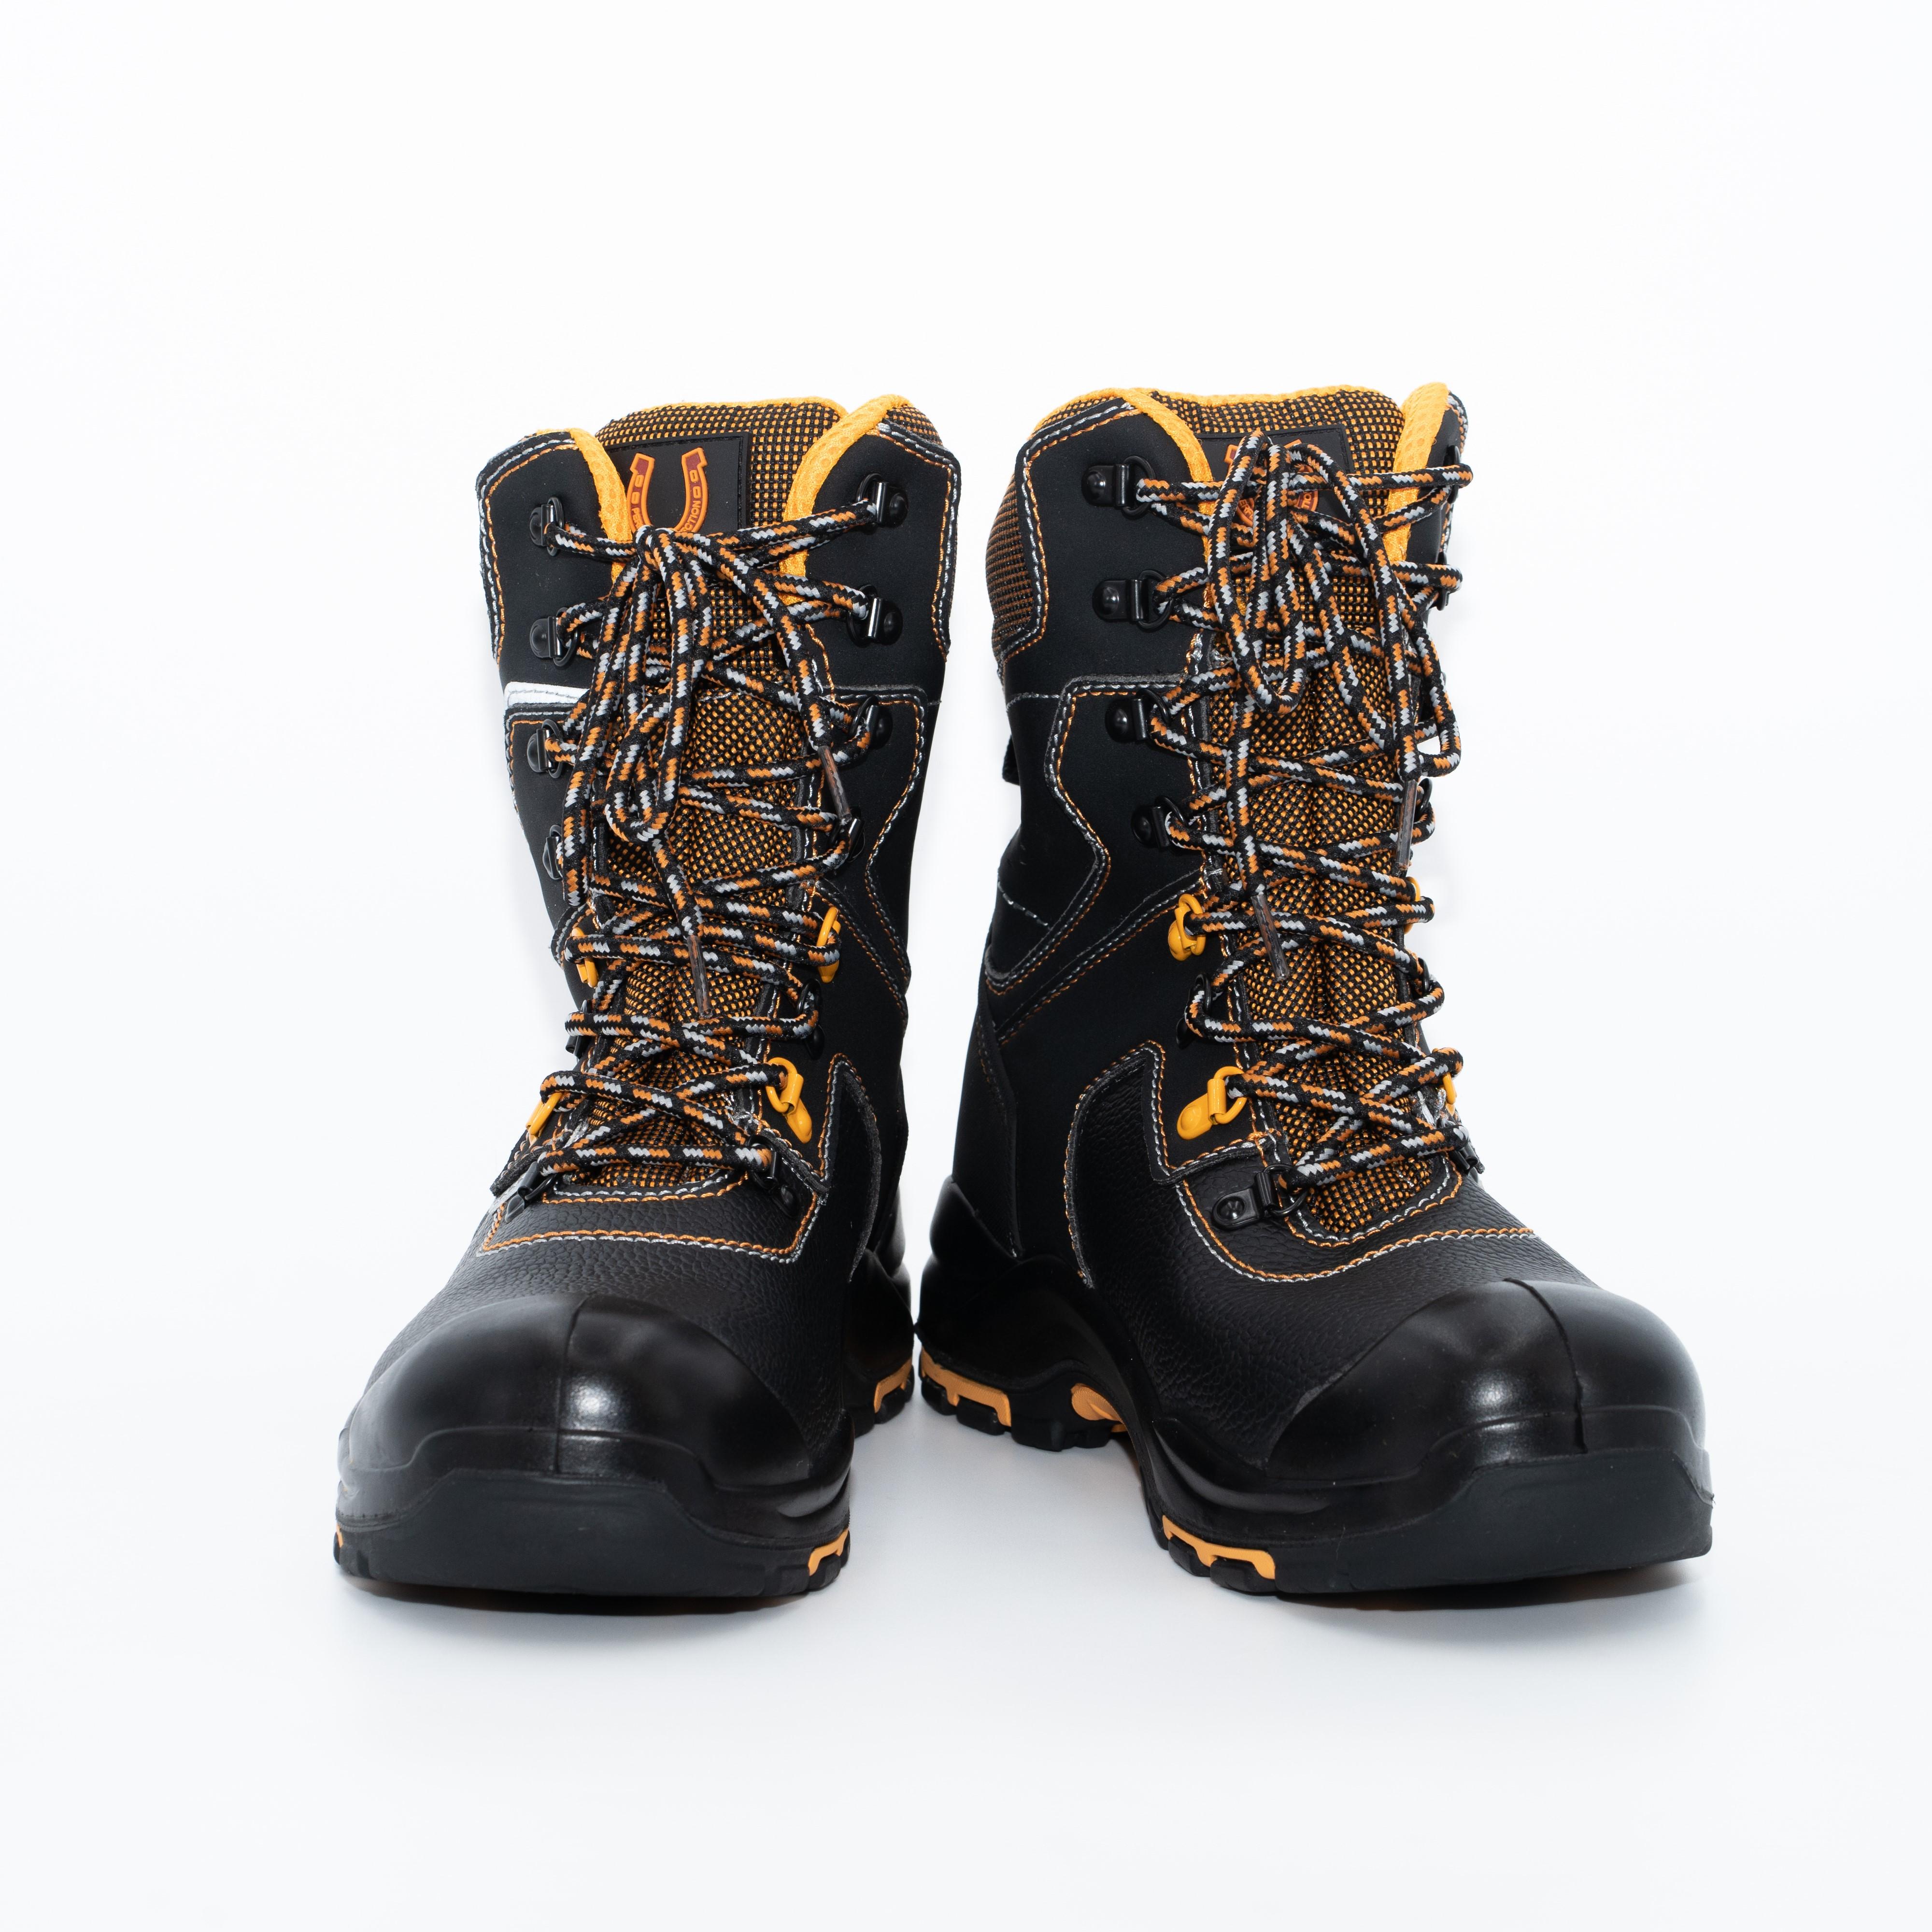 Ботинки с высоким берцем «PERFECT PROTECTION»  PRB10N — CK ПУ-Нитрил с ПП  и АС